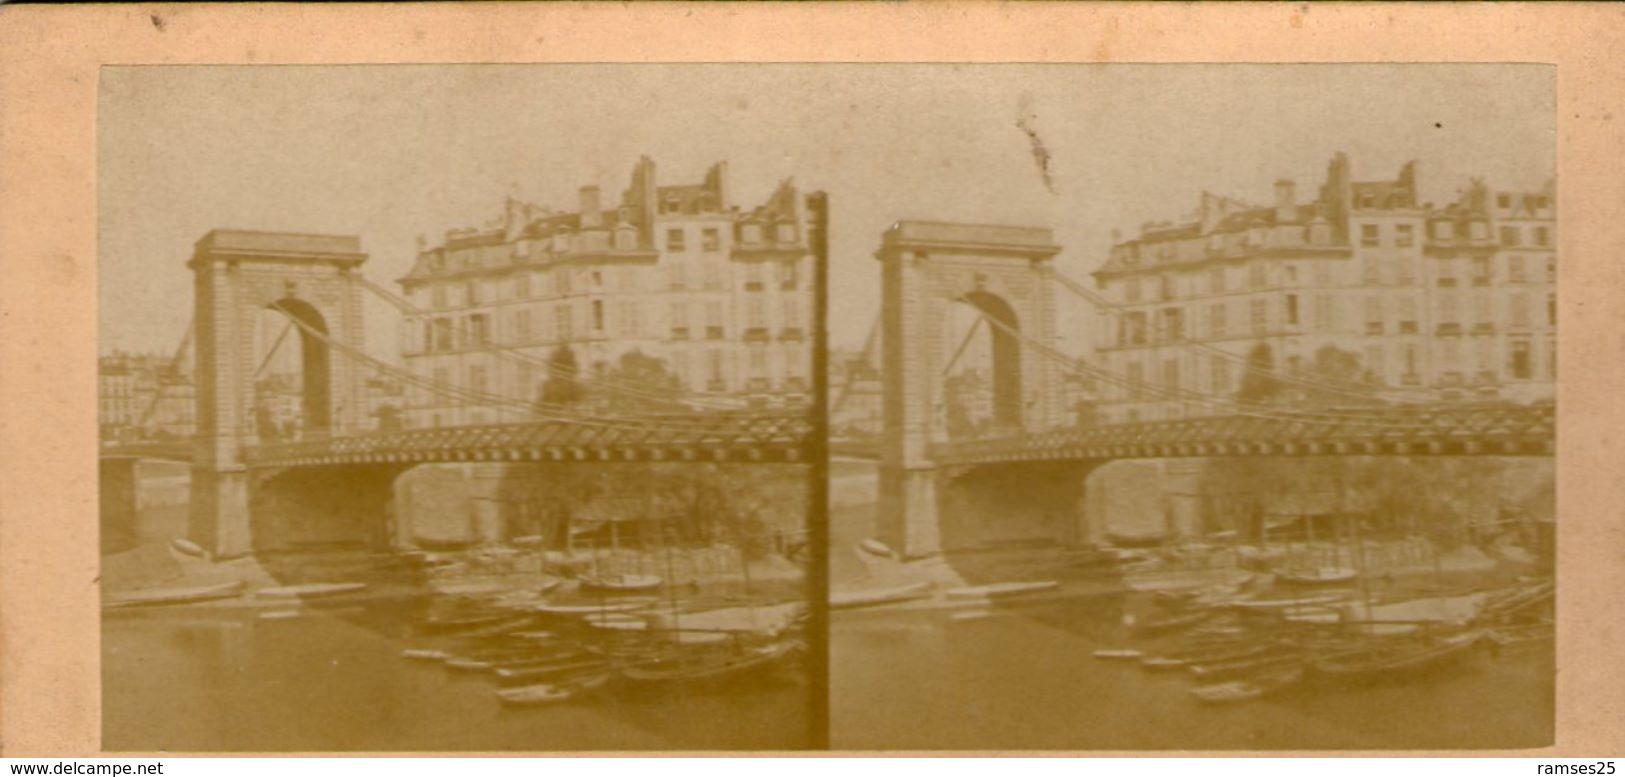 (59)  Photo Originale Sur Carton Fin 1800 Paris Pont Louis Philippe 16cm X 8.5cm (Bon Etat) - Photos Stéréoscopiques